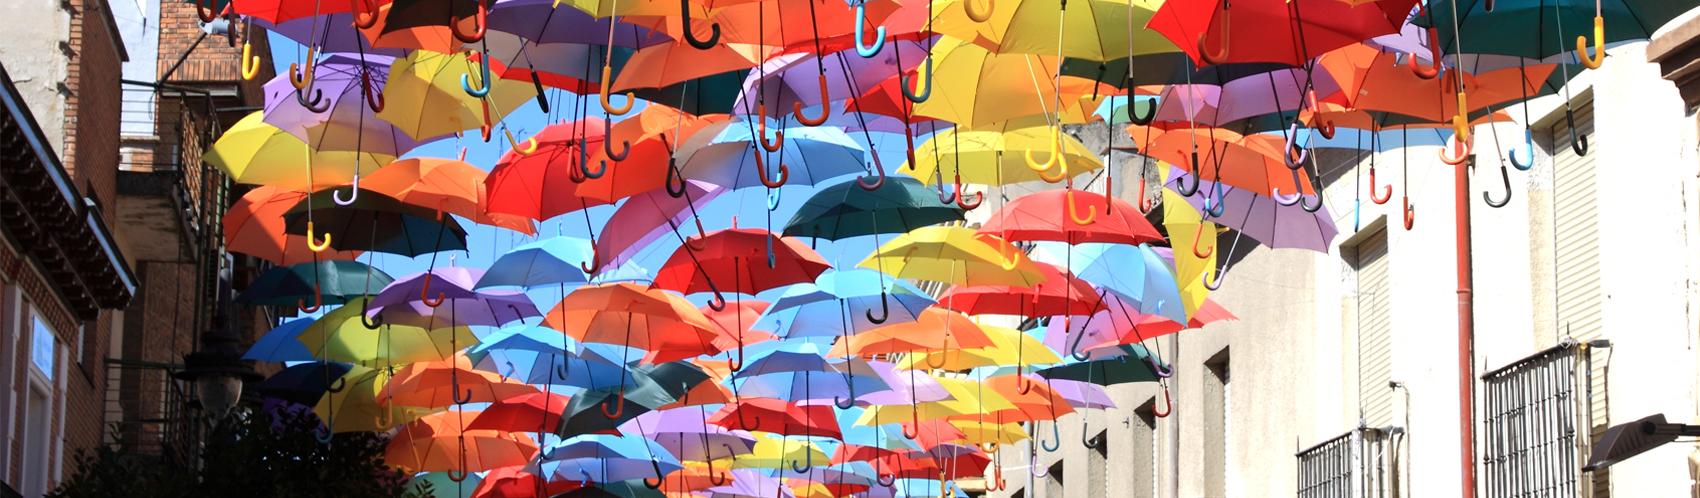 Umbrellas_1700x498